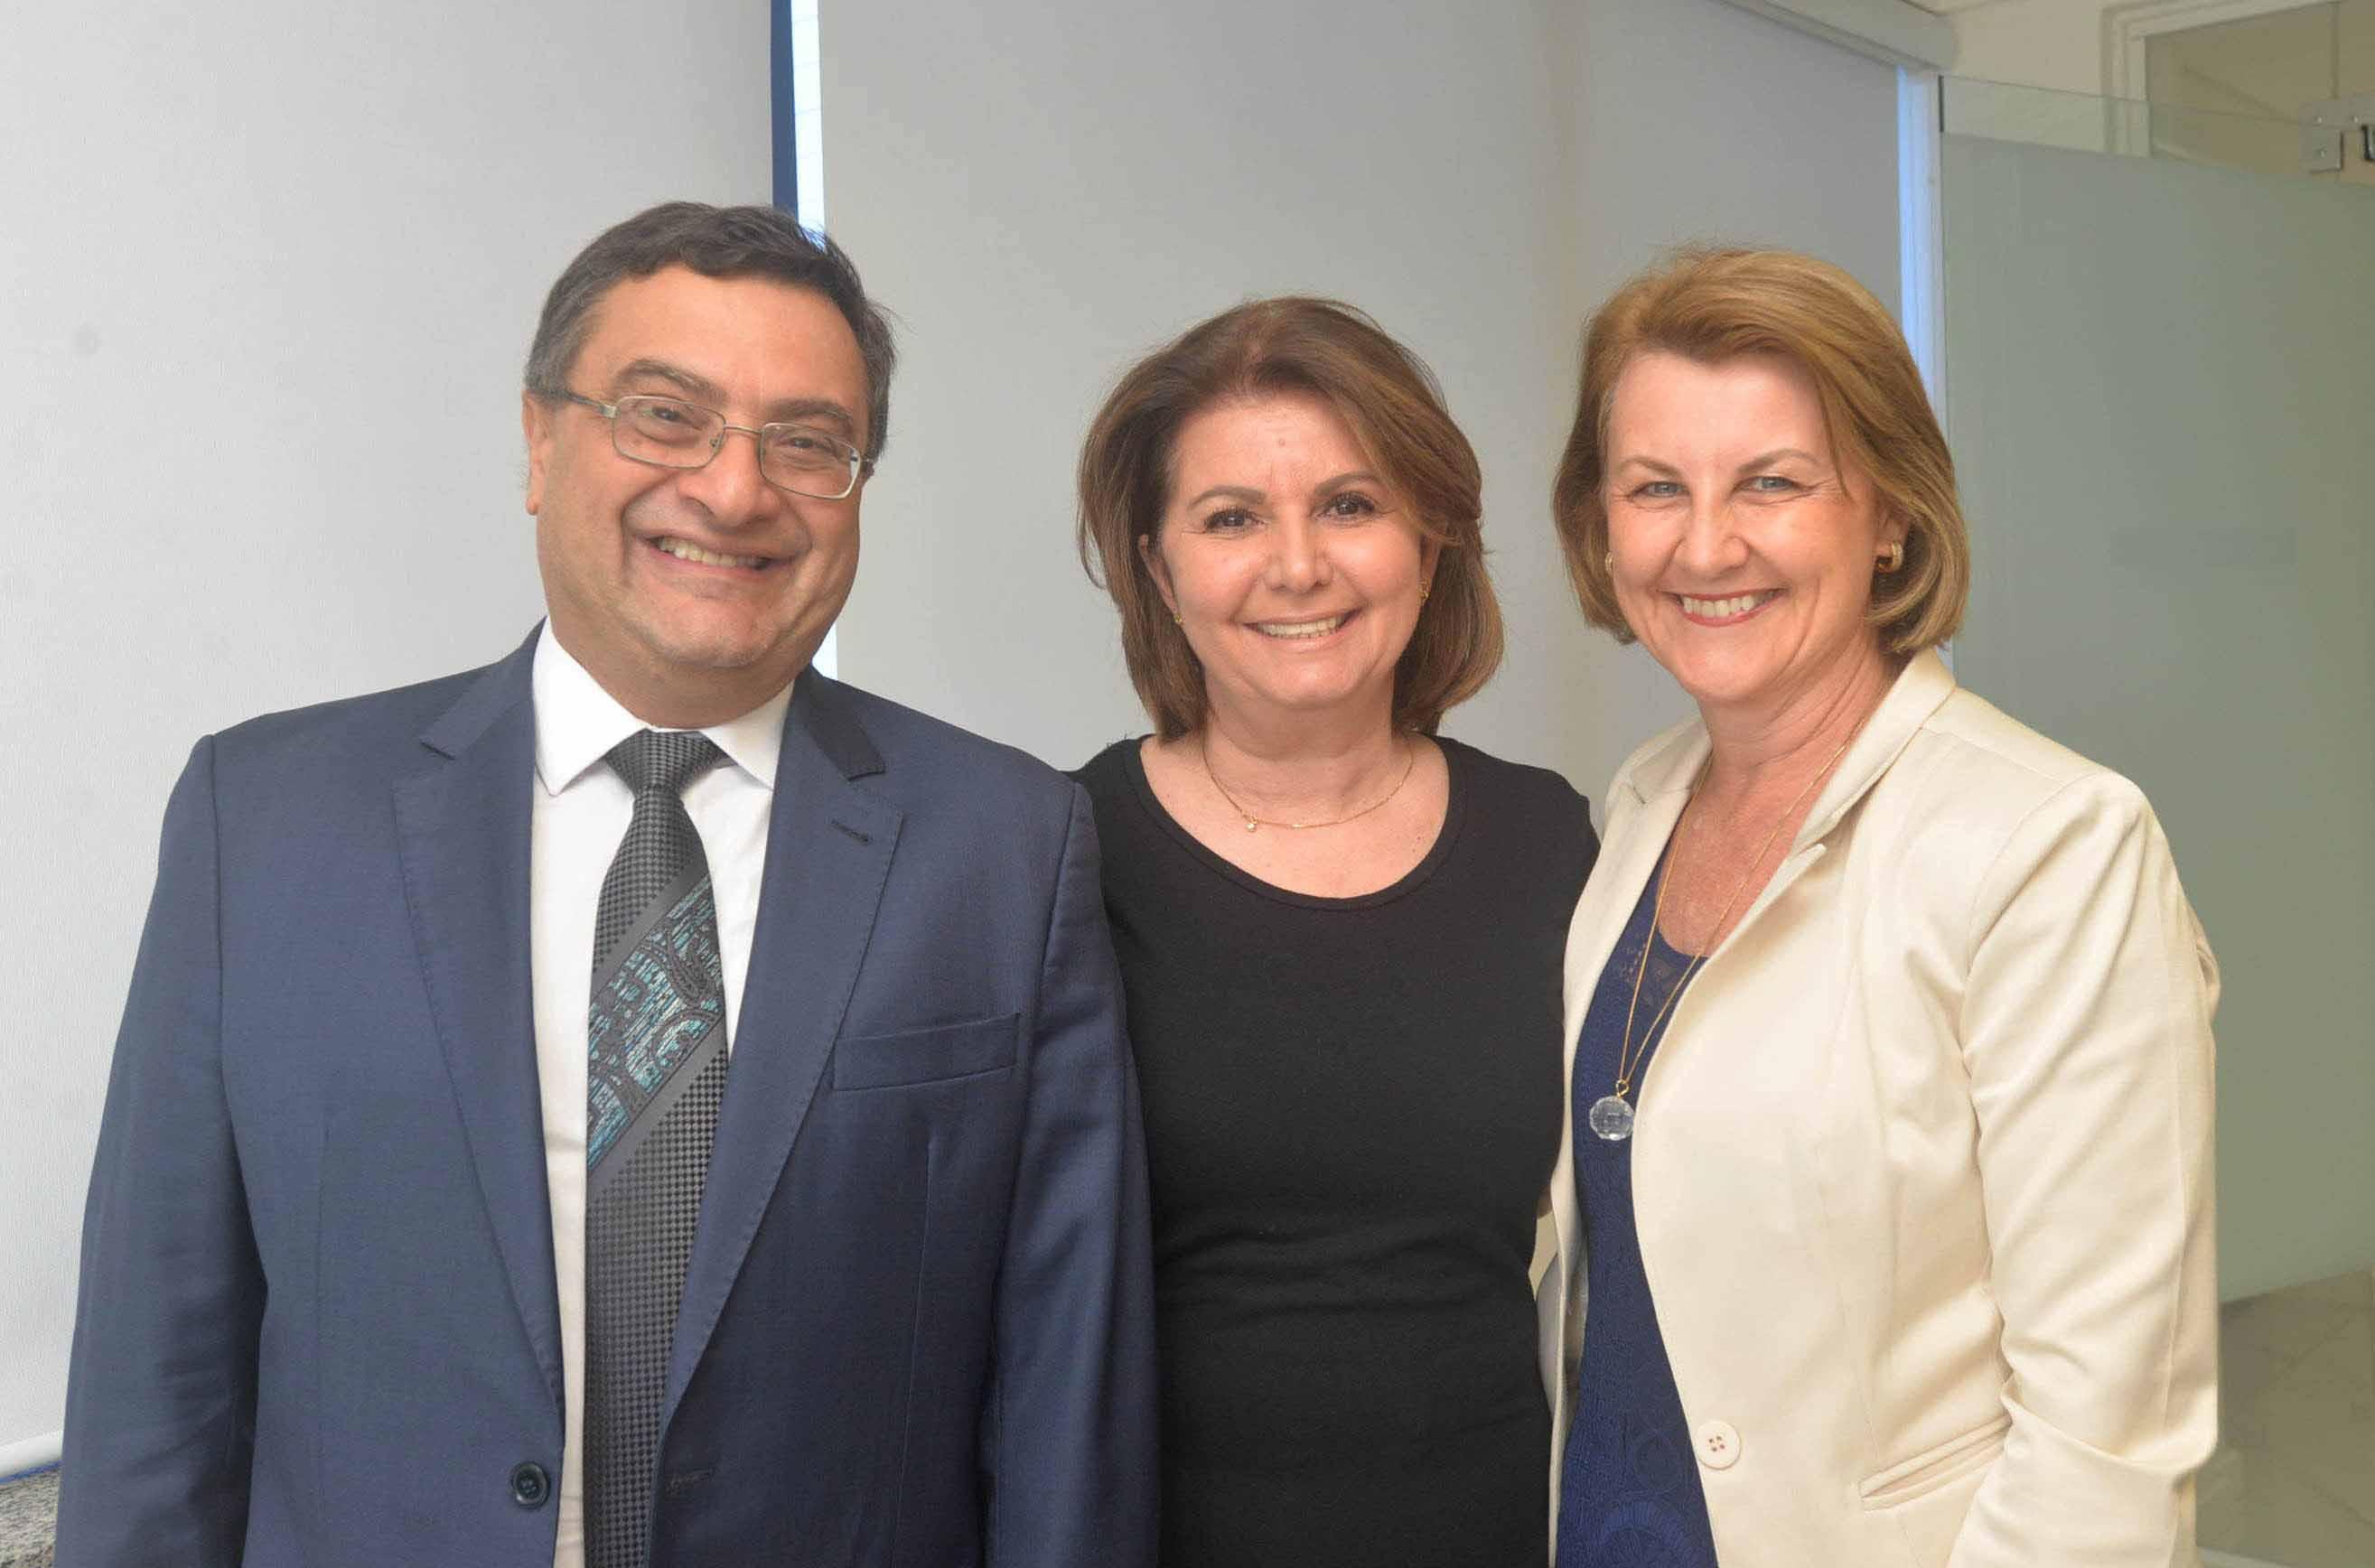 Michele Caputo participa da diplomação dos conselheiros regionais de enfermagem do Paraná